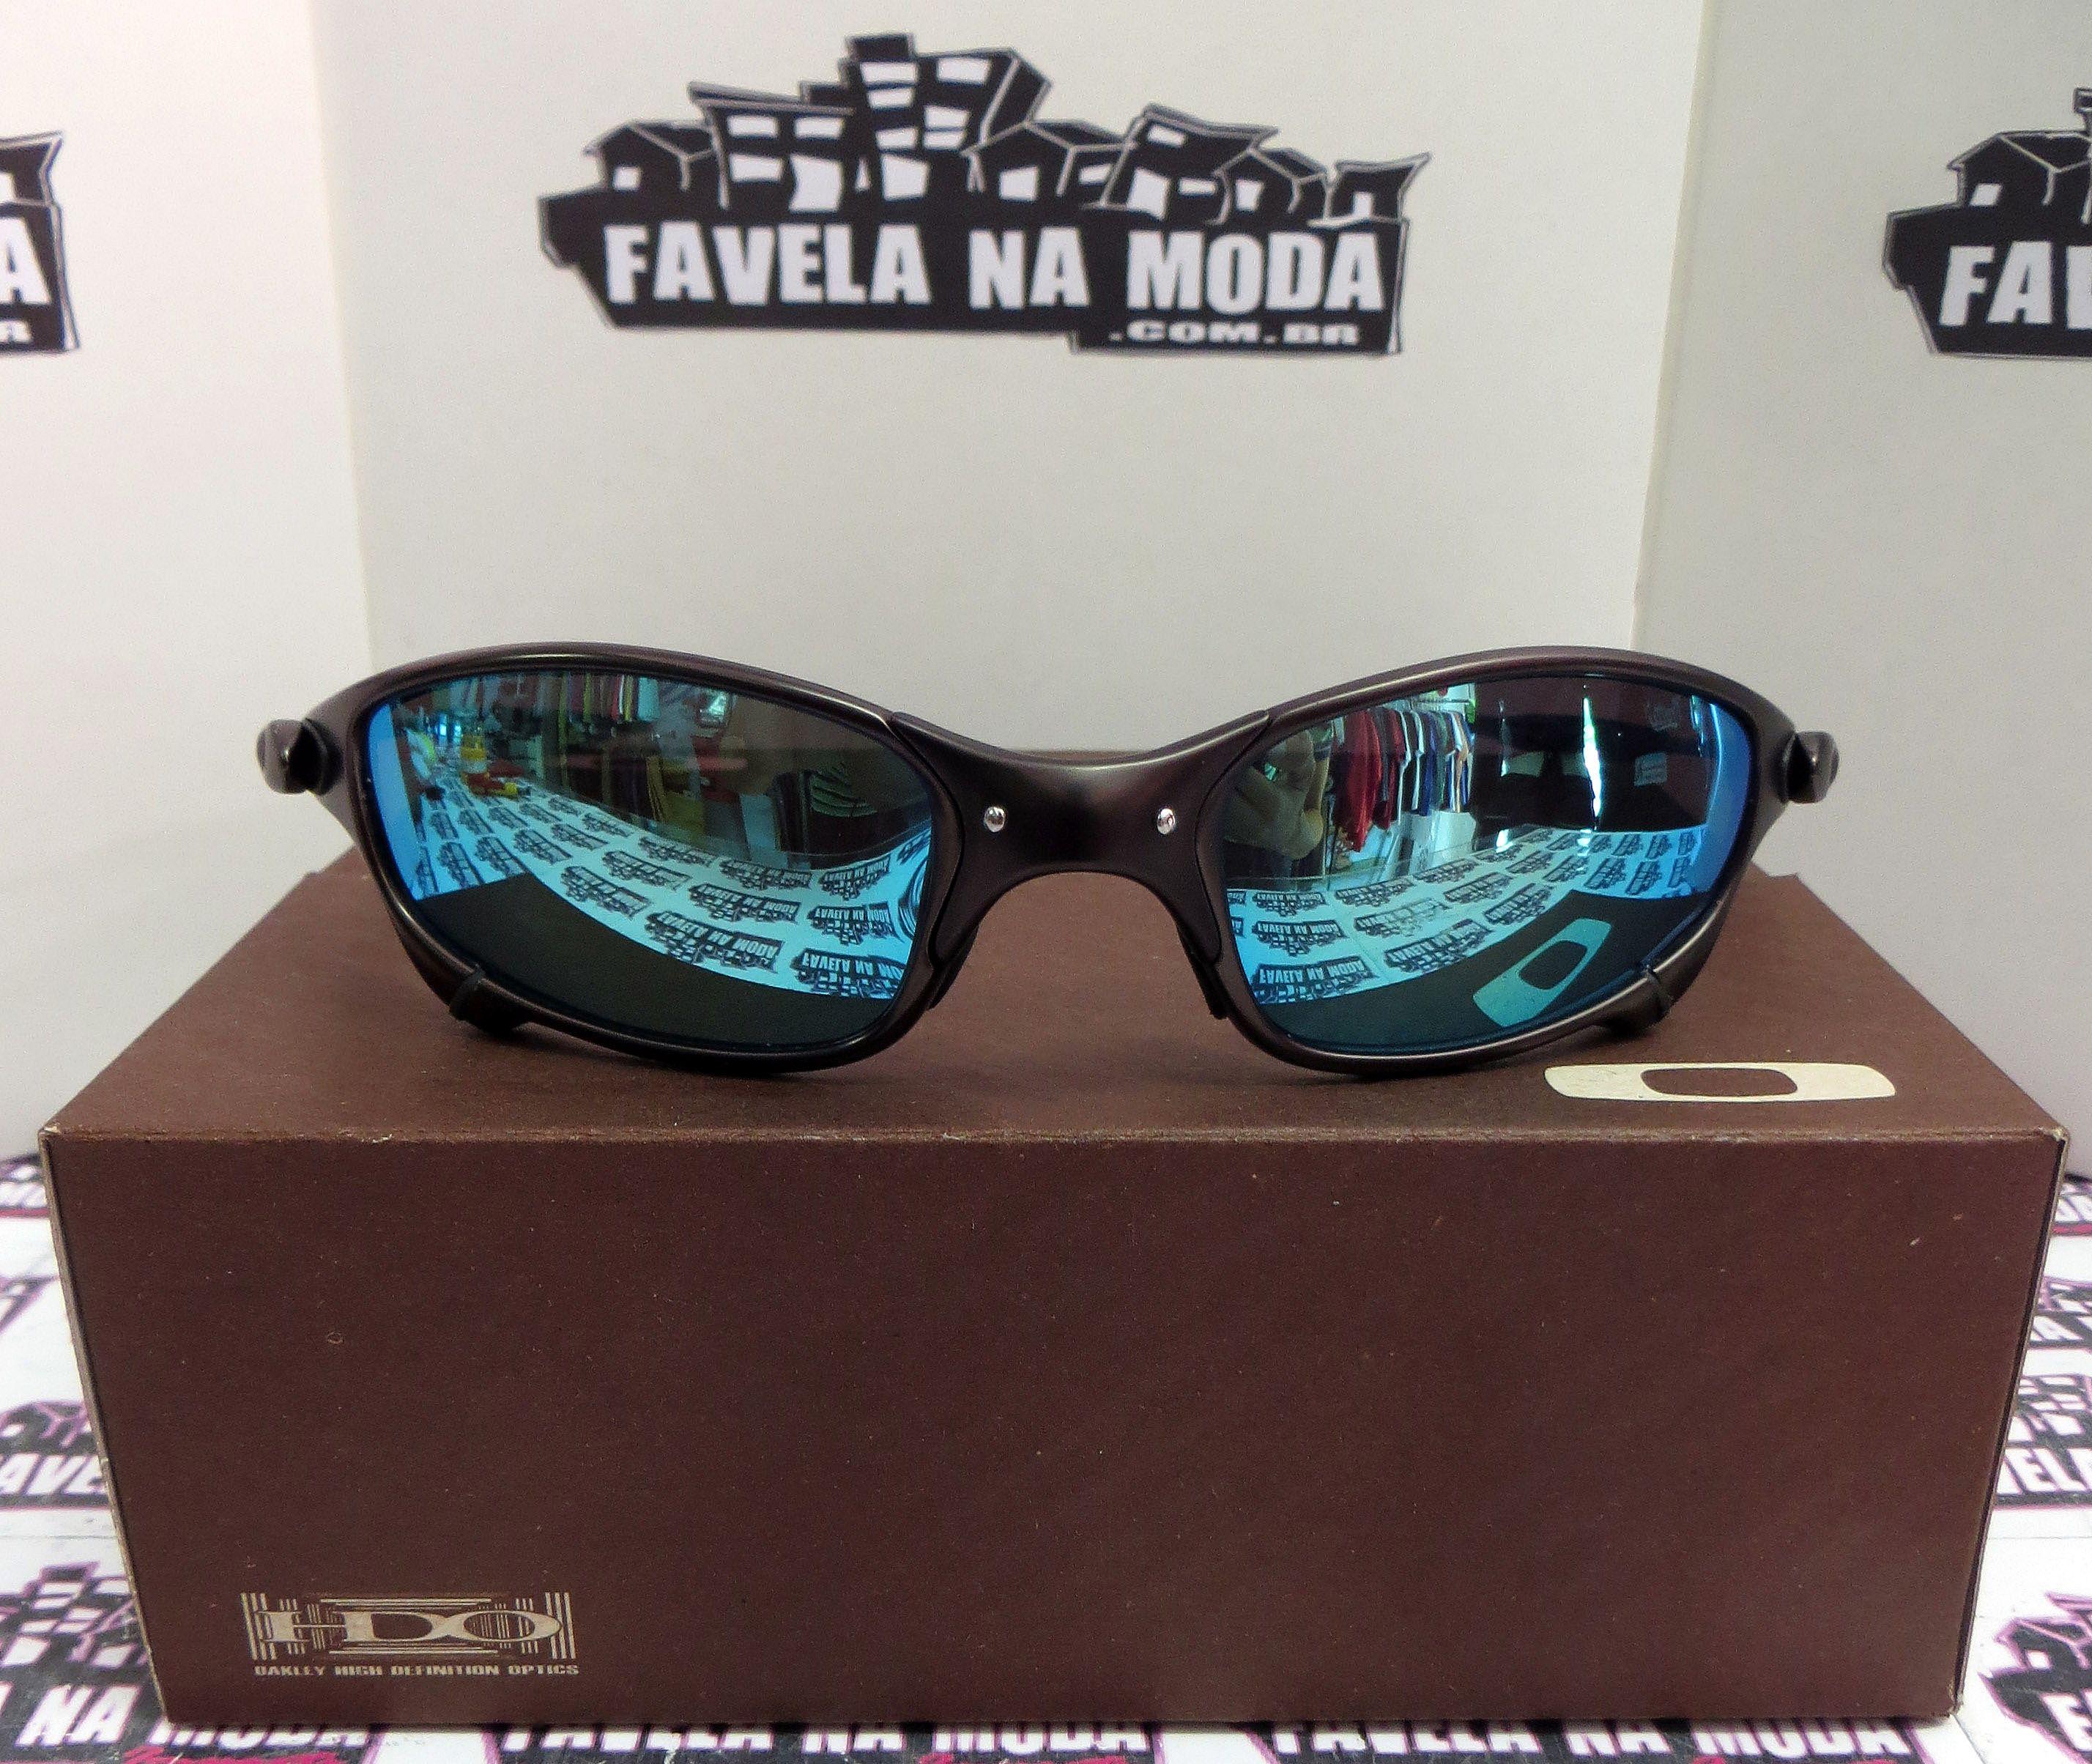 284cb0f55 Óculos Oakley Juliet - Carbon / Ice Thug / Borrachinhas Pretas